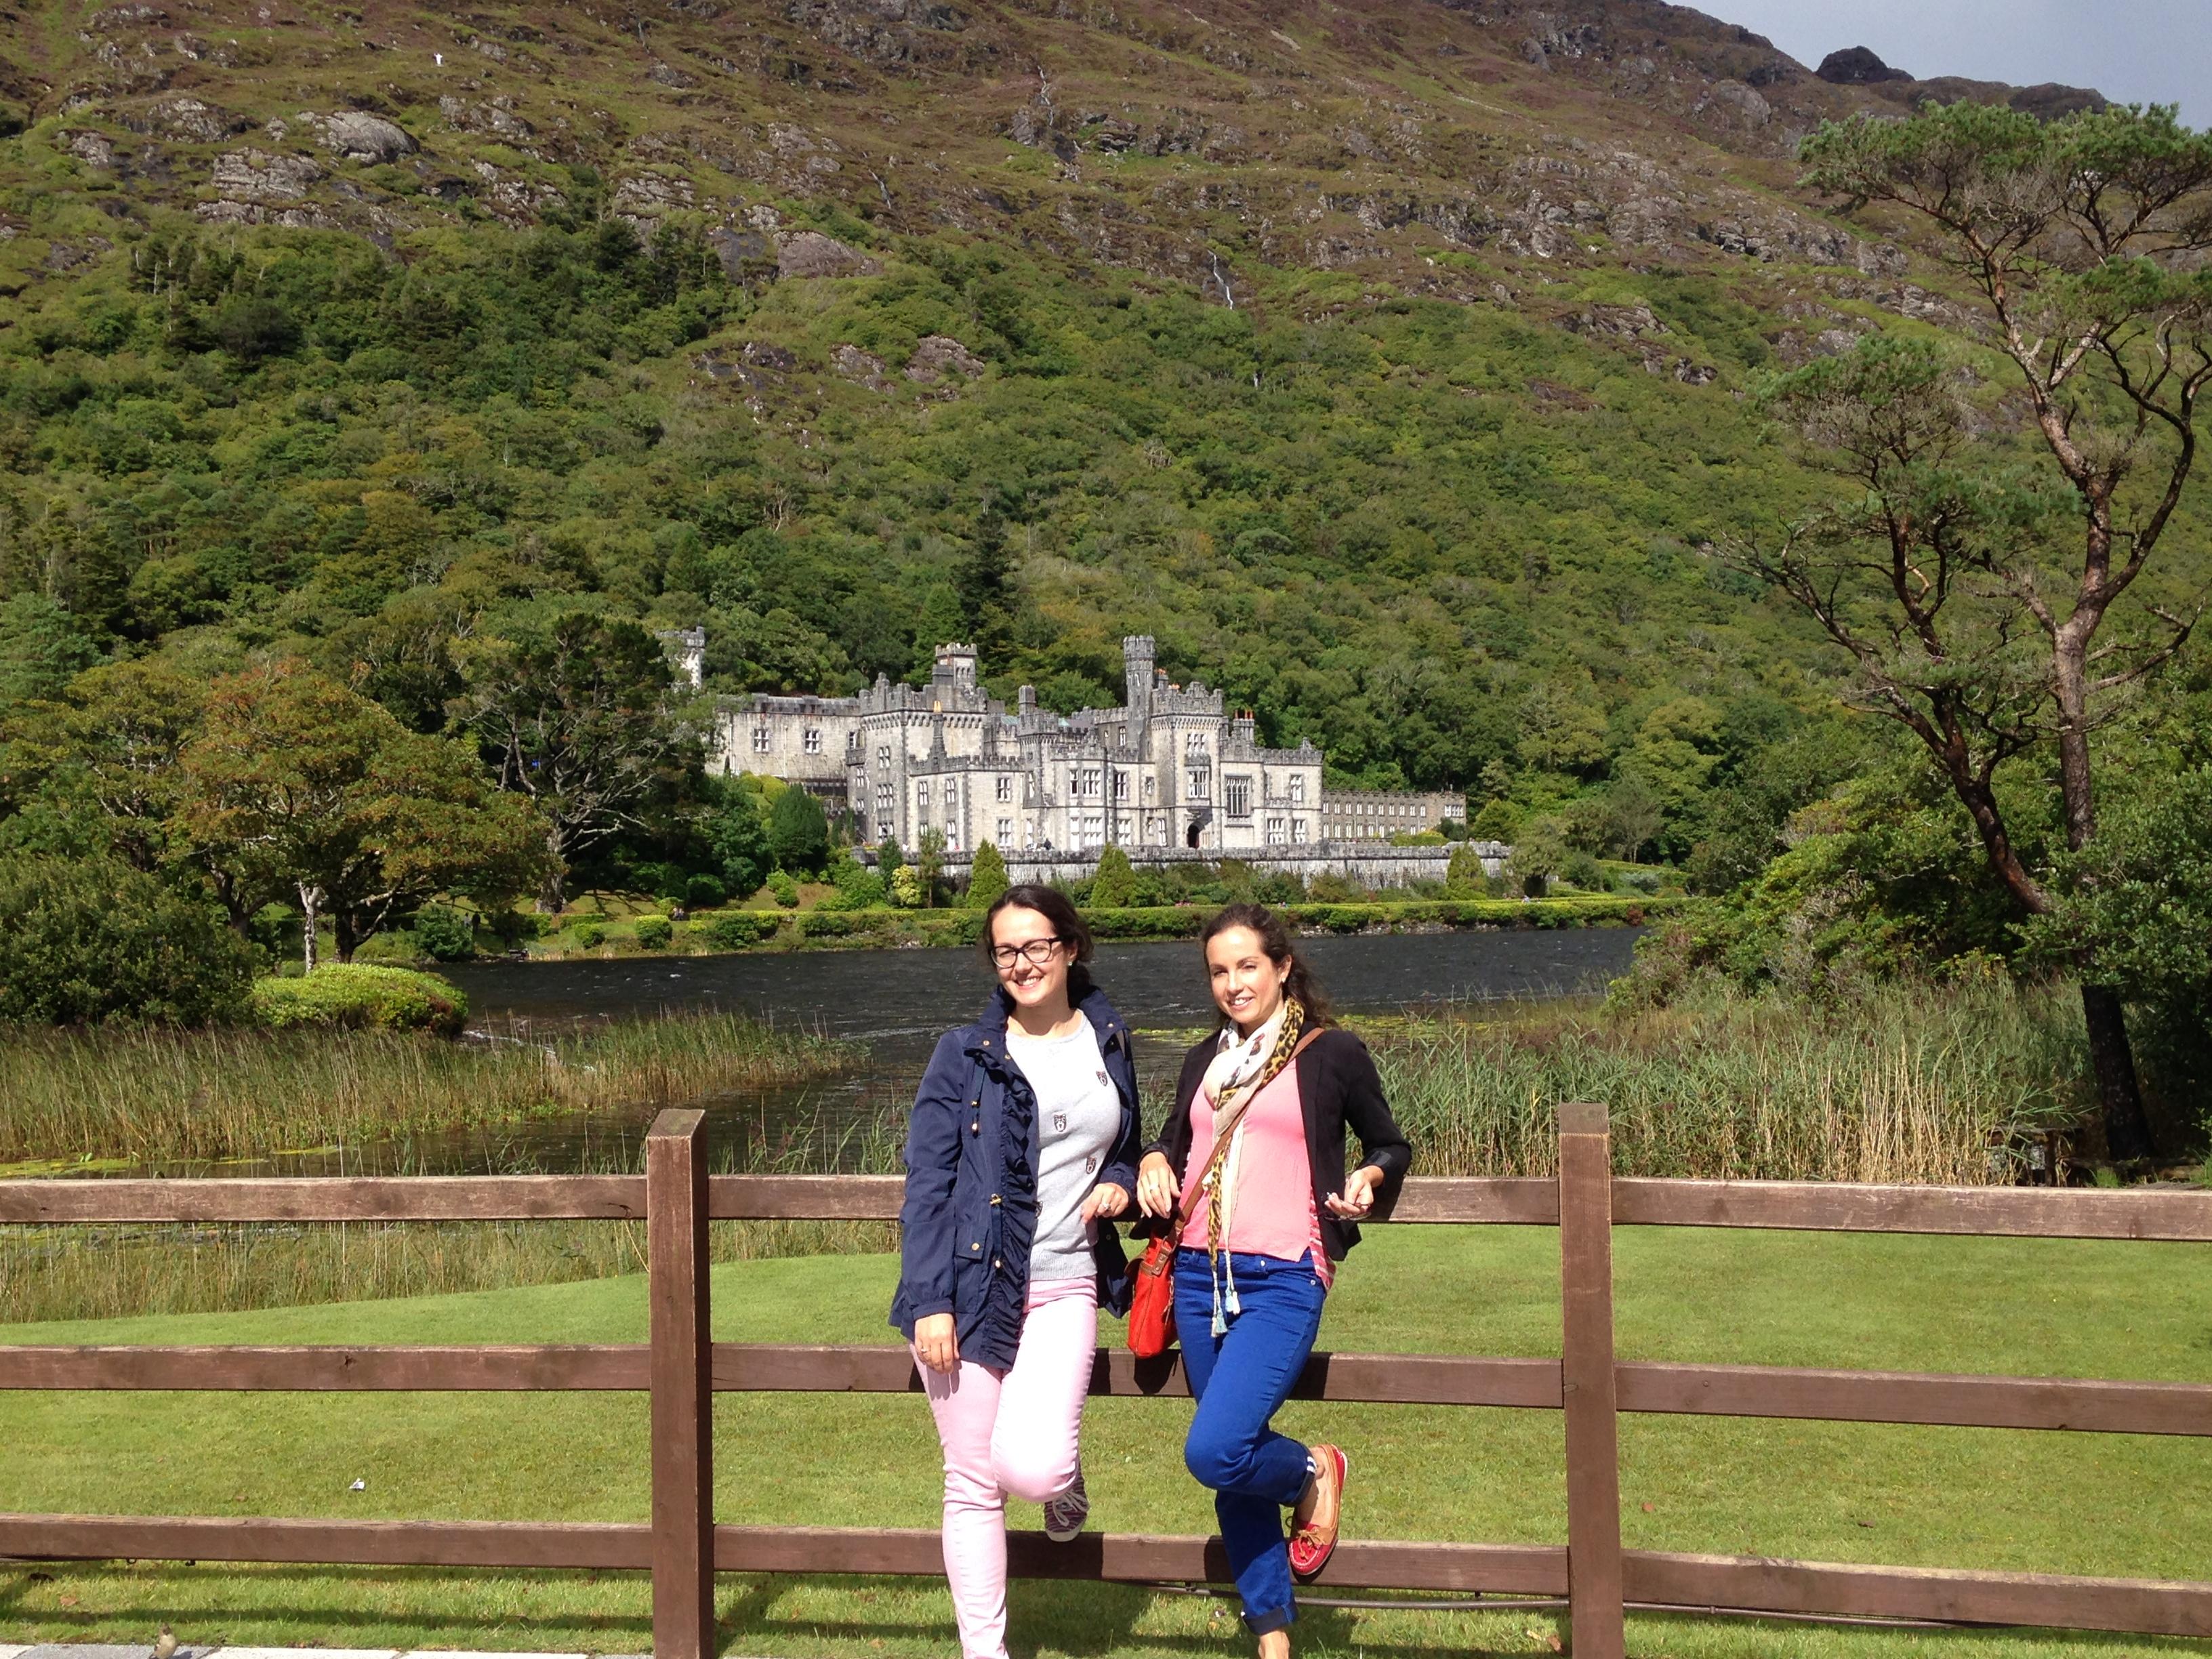 JSED_Europe_Ireland_Youth_Kylemore Abbey